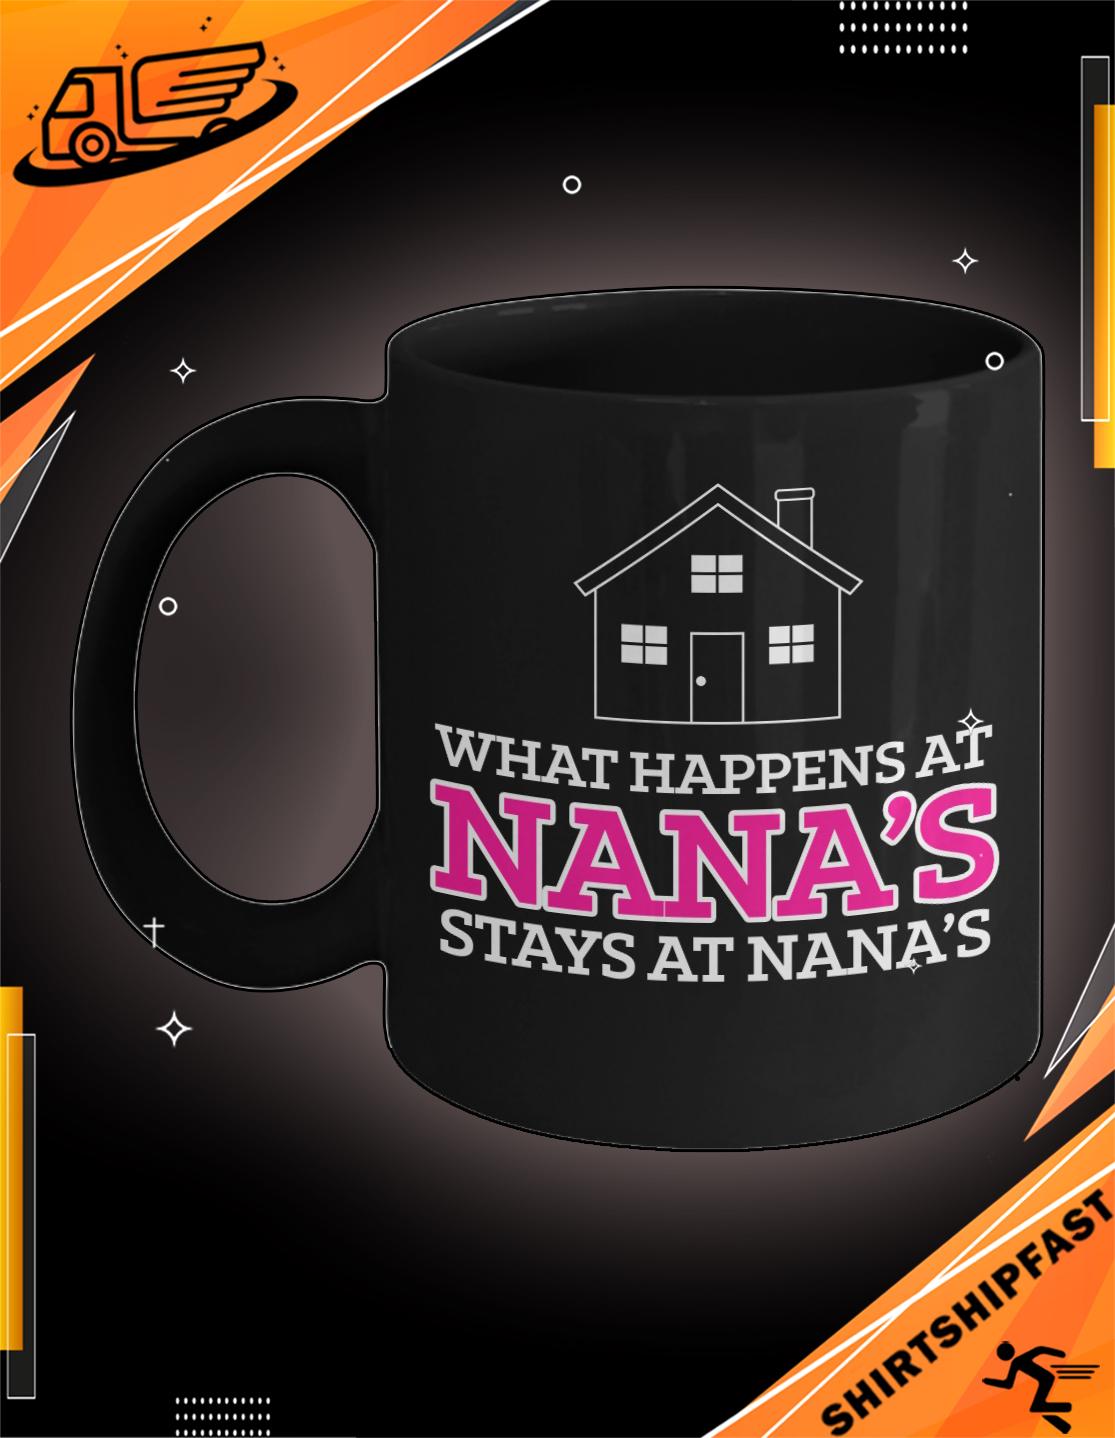 House What happens at Nana's stays at Nana's mug